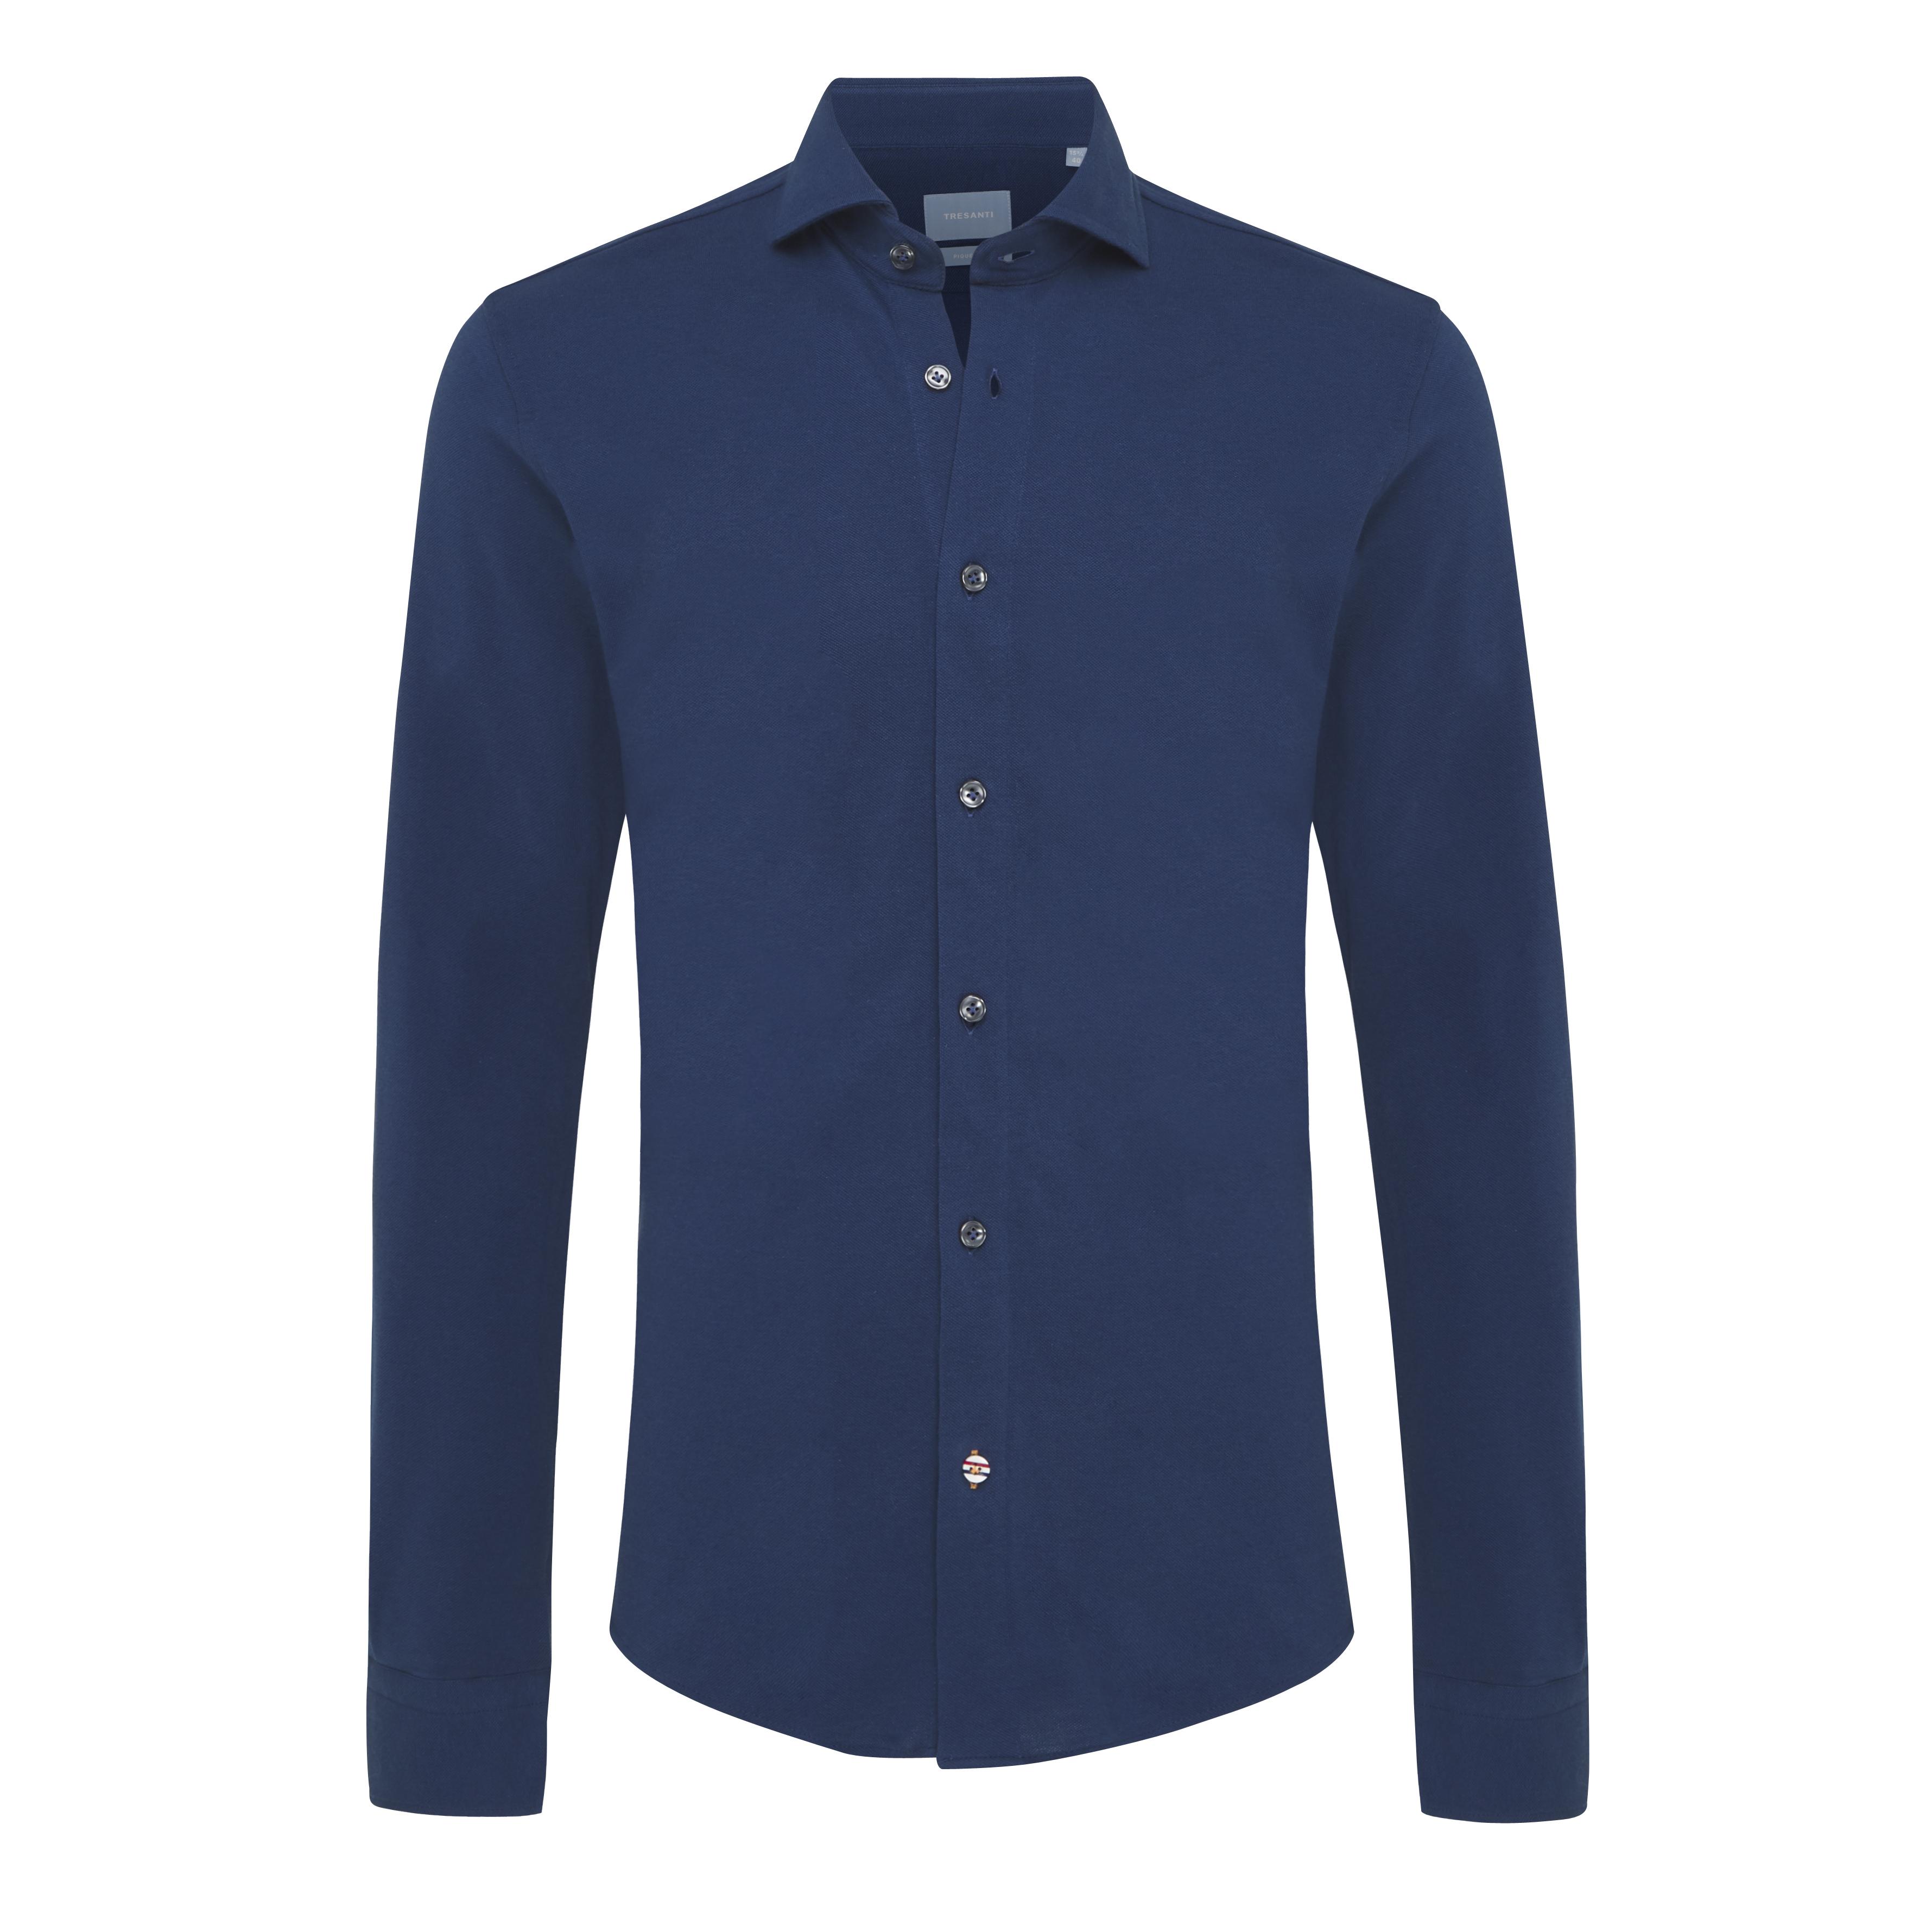 Jason | Shirts knitted denim blue